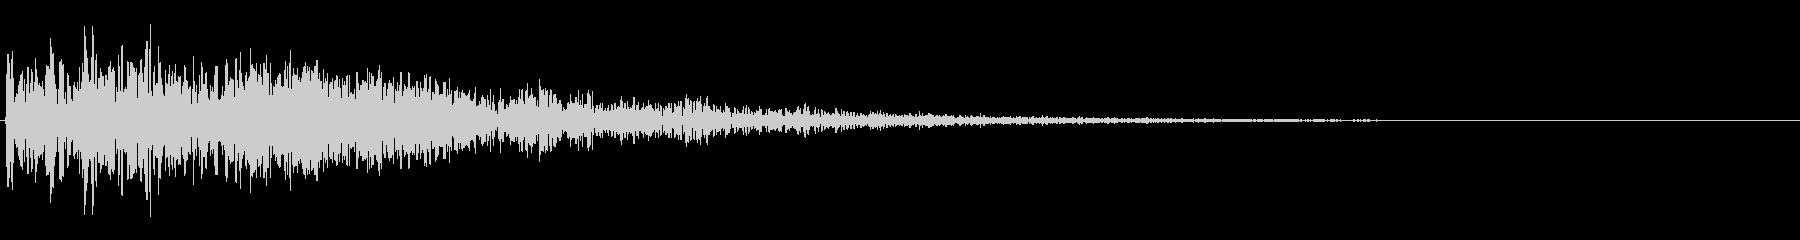 ディープランブリングフットステップの未再生の波形